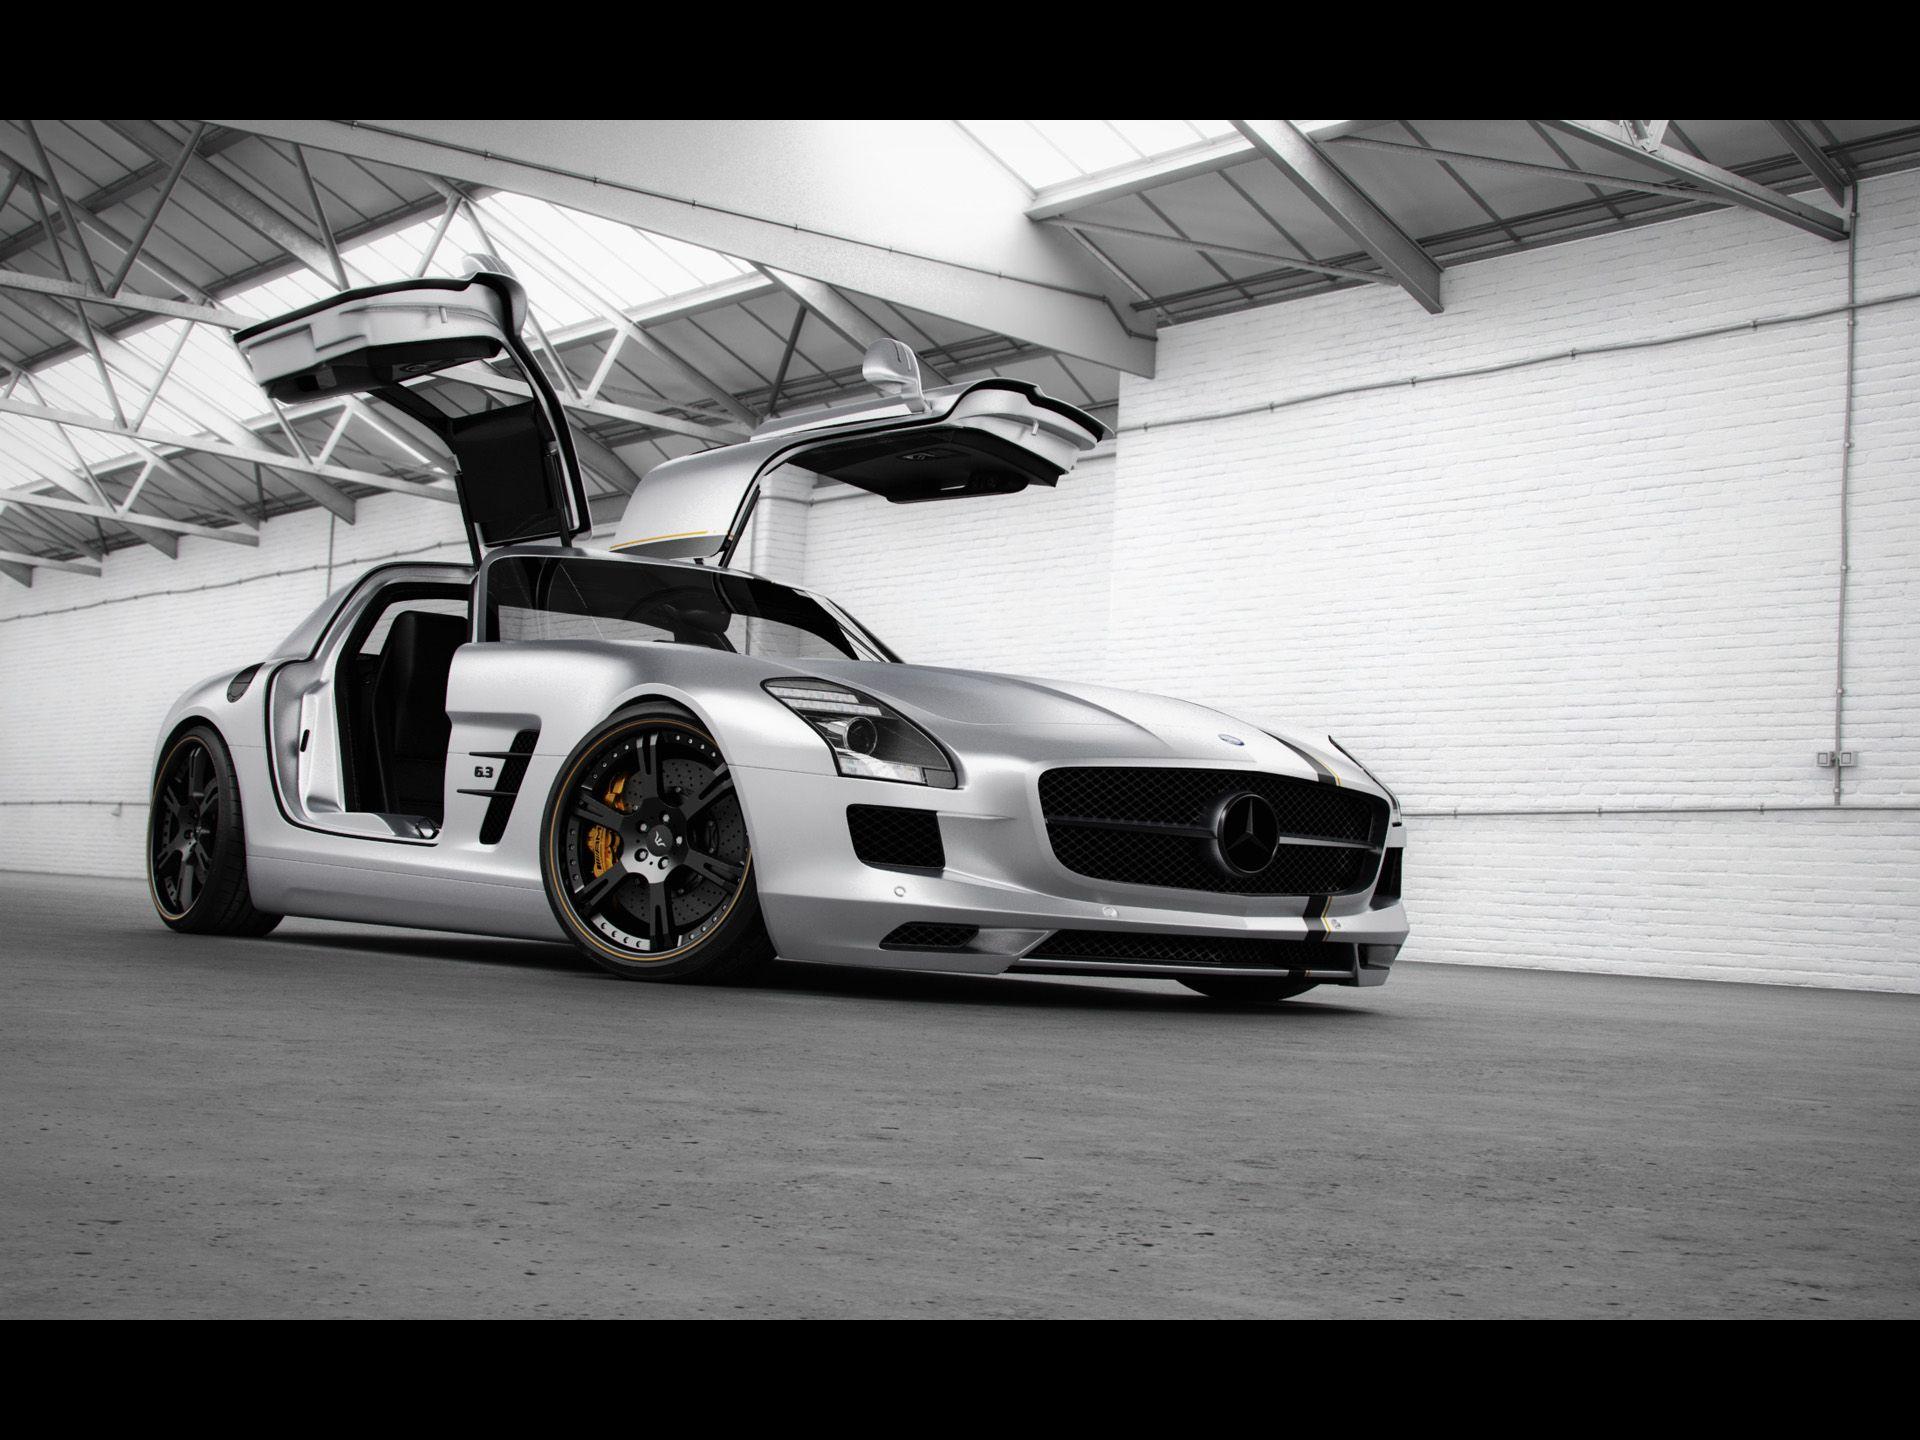 2012 mercedes benz c63 amg car wallpaper wallpaper free download - Mercedes Benz Sls Hd Wallapper Mercedes Benz Sls Amg Hd